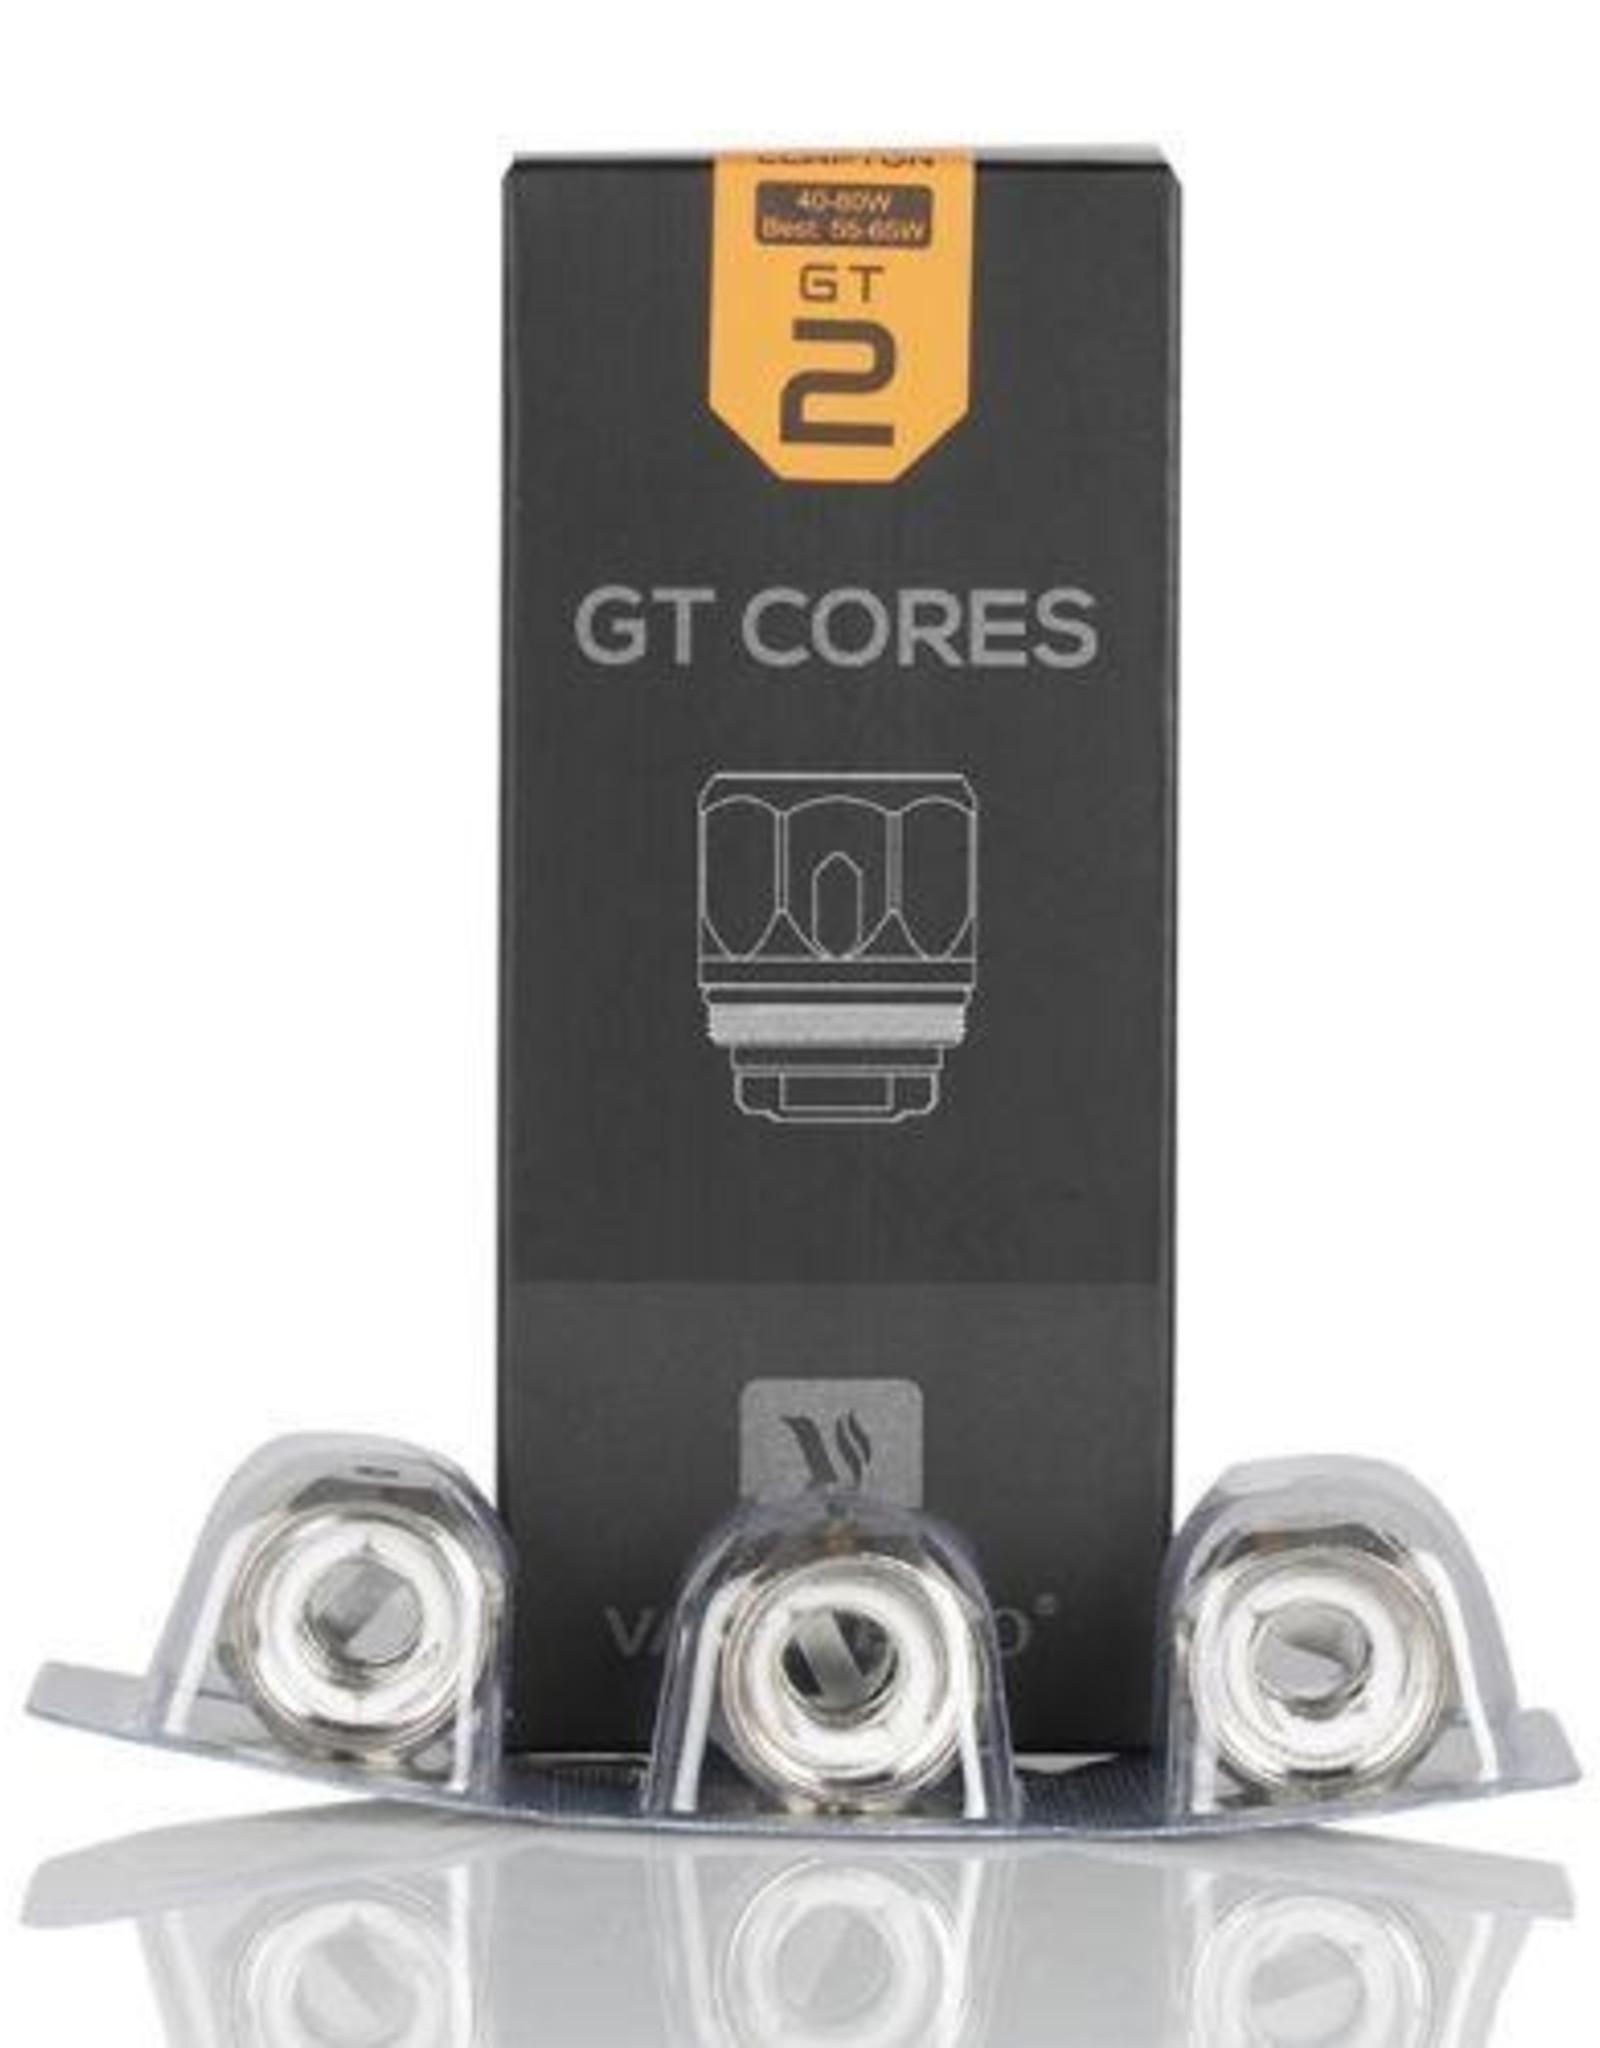 Vaporesso VAPORESSO NRG GT COILS (3 PACK)